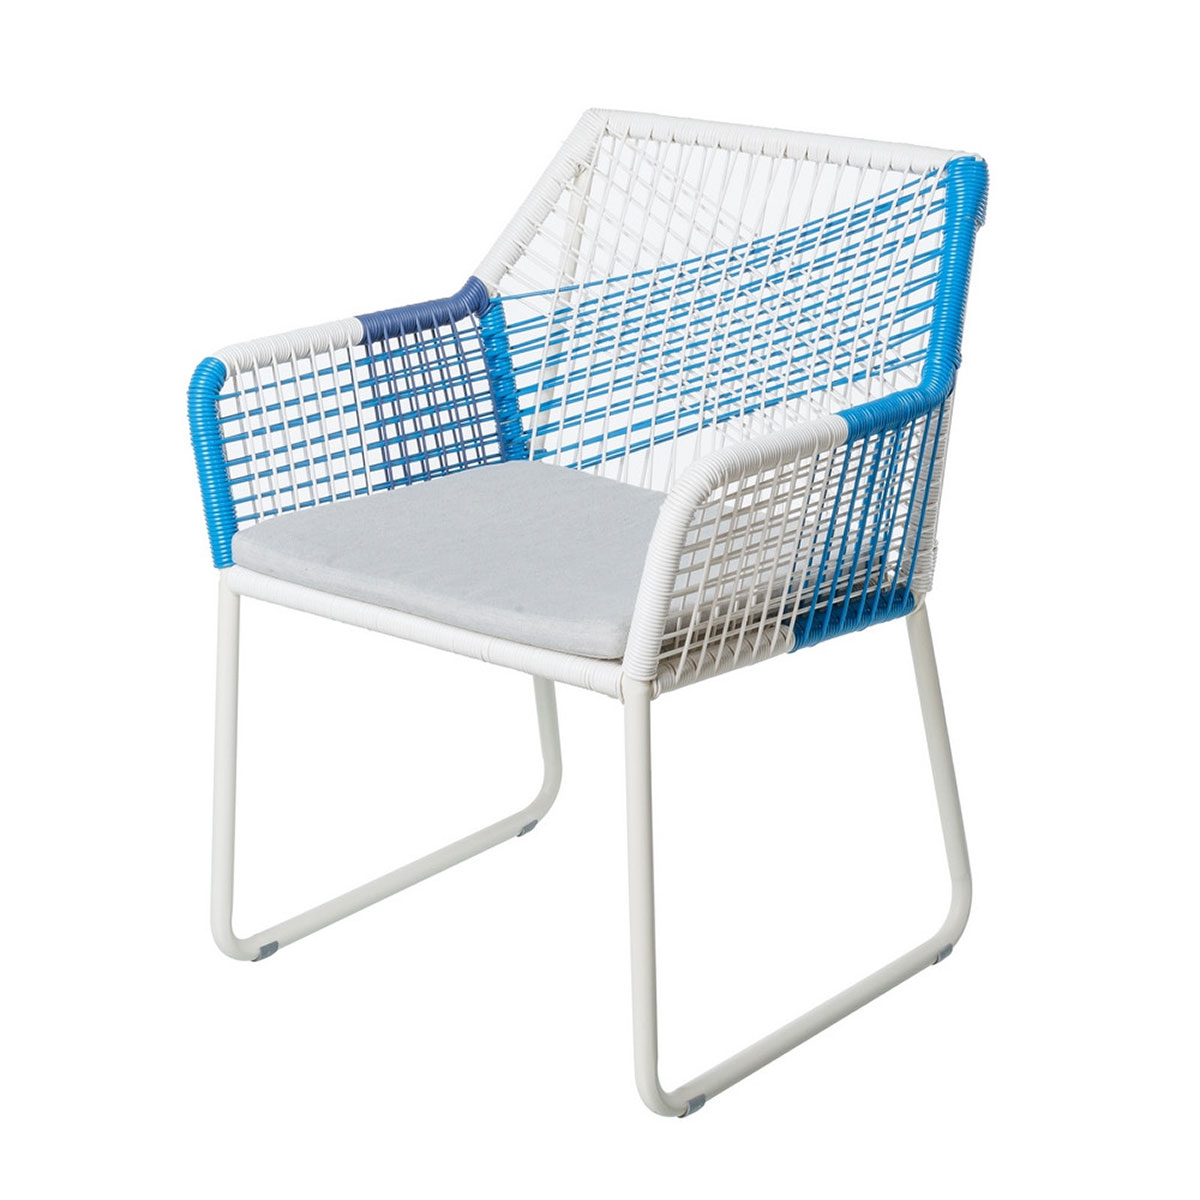 Chaise à accoudoirs à cordes bicolores - BLANC/BLEU - 60.00 cm x 61.00 cm x 78.50 cm